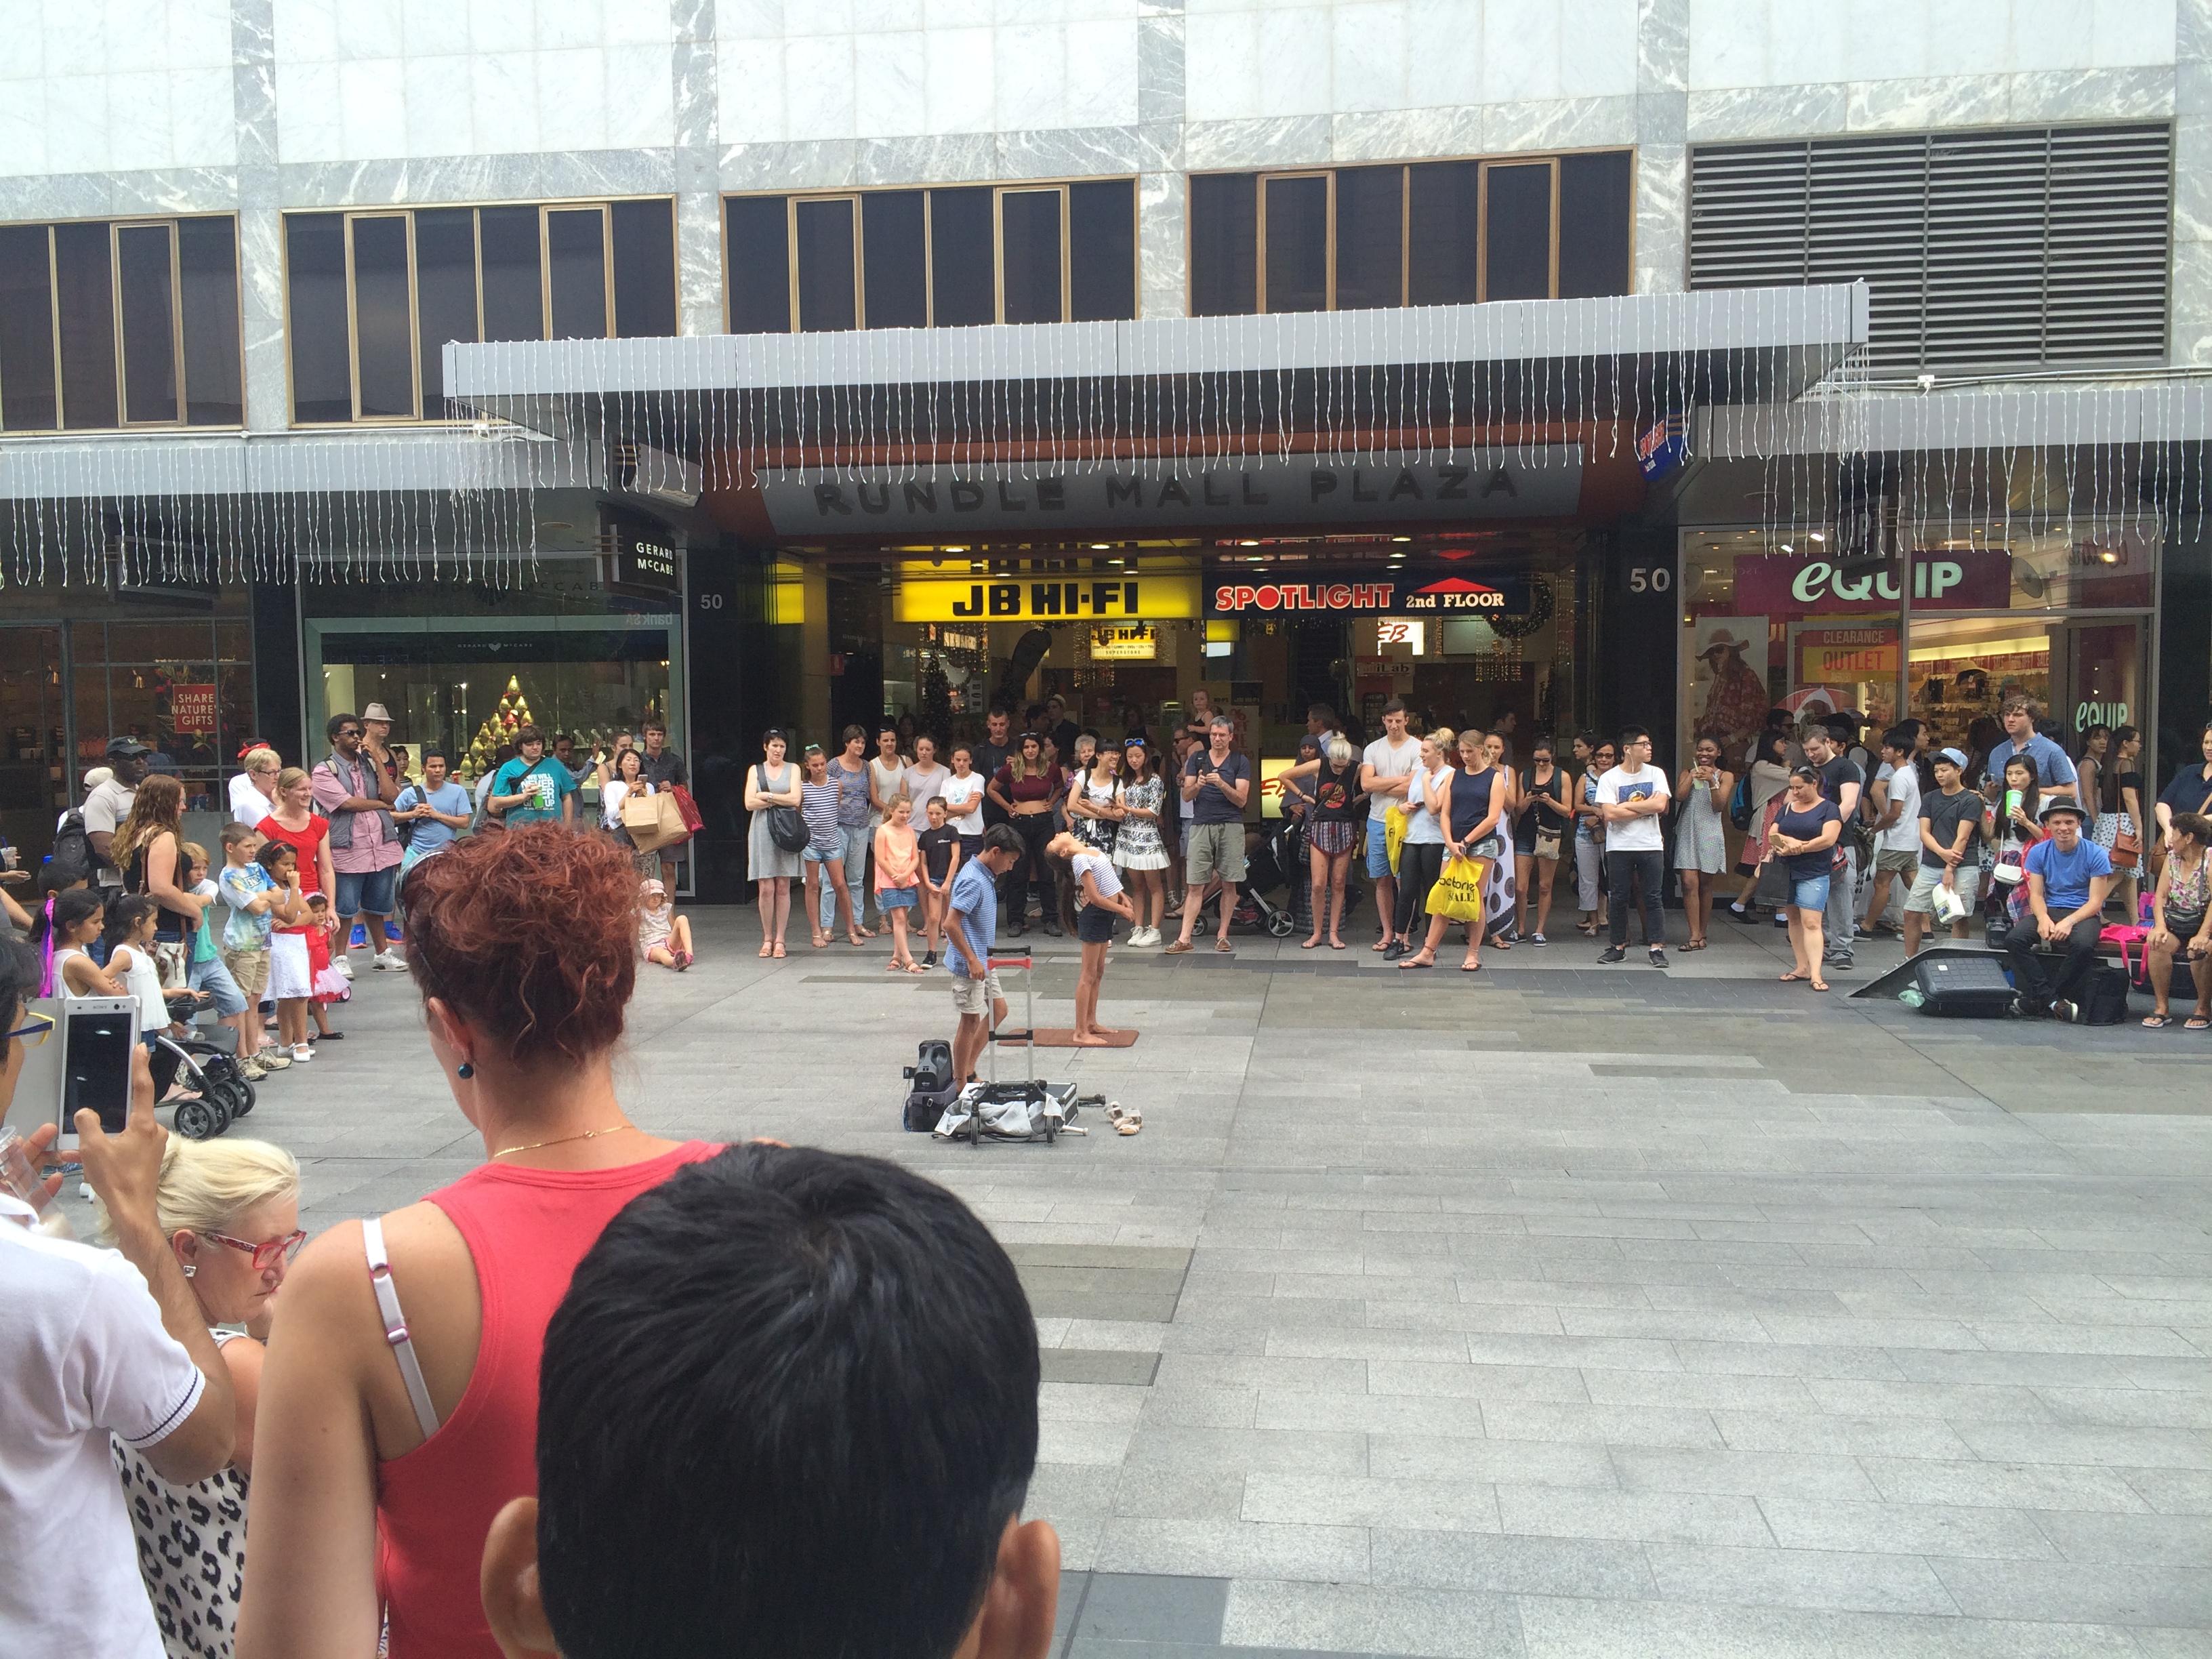 小学生の兄弟が通りいっぱいの観客にショーをしている。